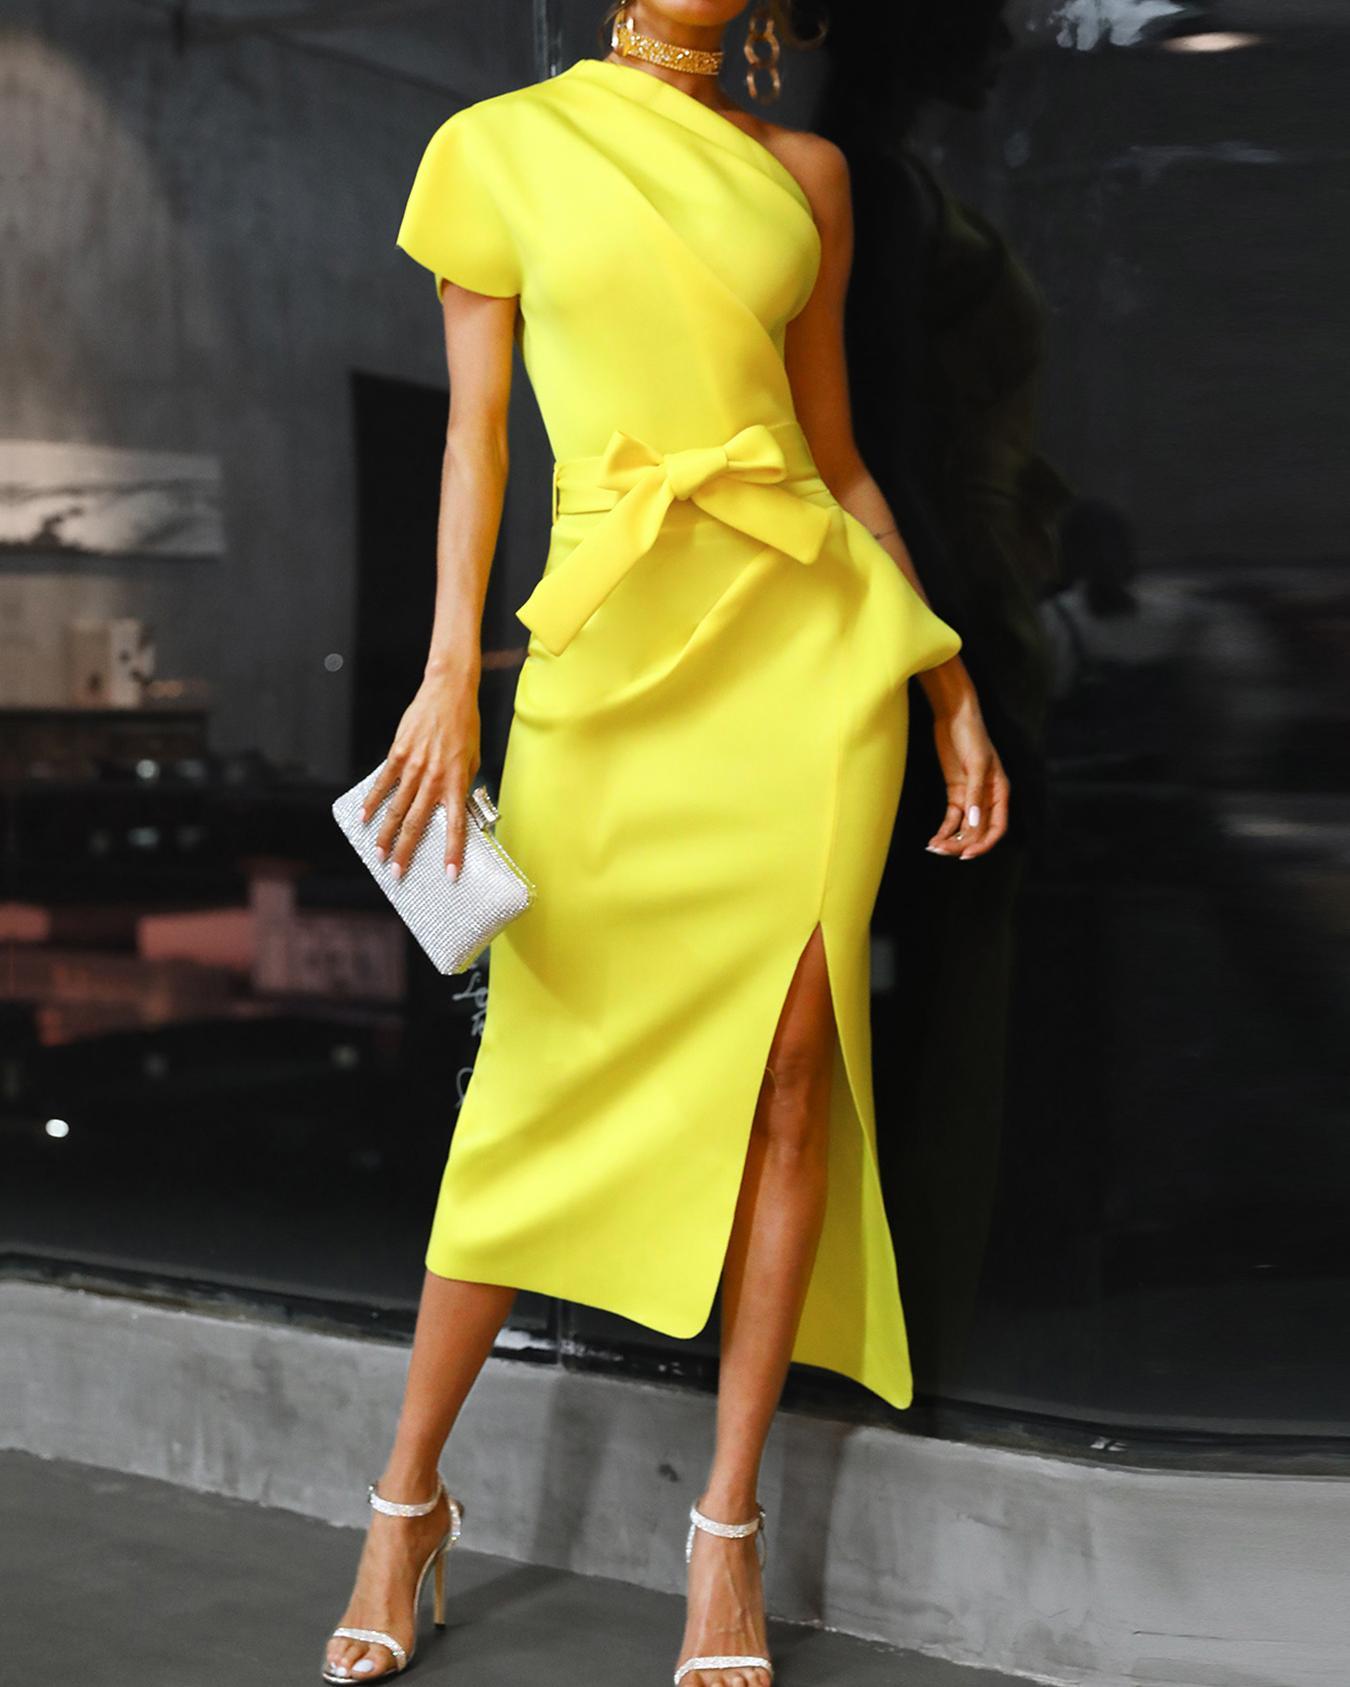 boutiquefeel / One Shoulder Ruched Slit Irregular Dress